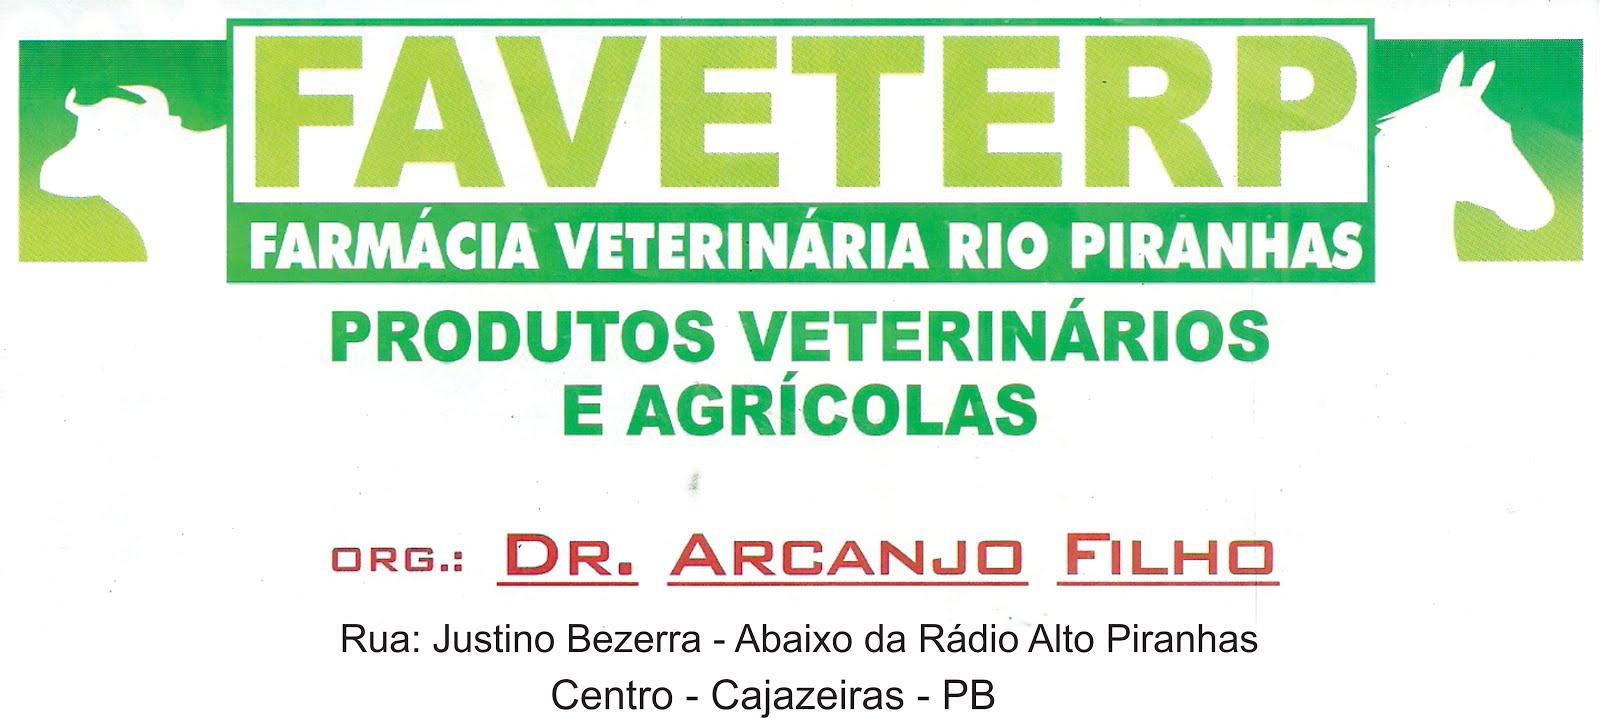 A FARMÁCIA  DE DR ARCANJO  LA TEM  ALMANAQUE DO SERTÃO  PARA VENDER